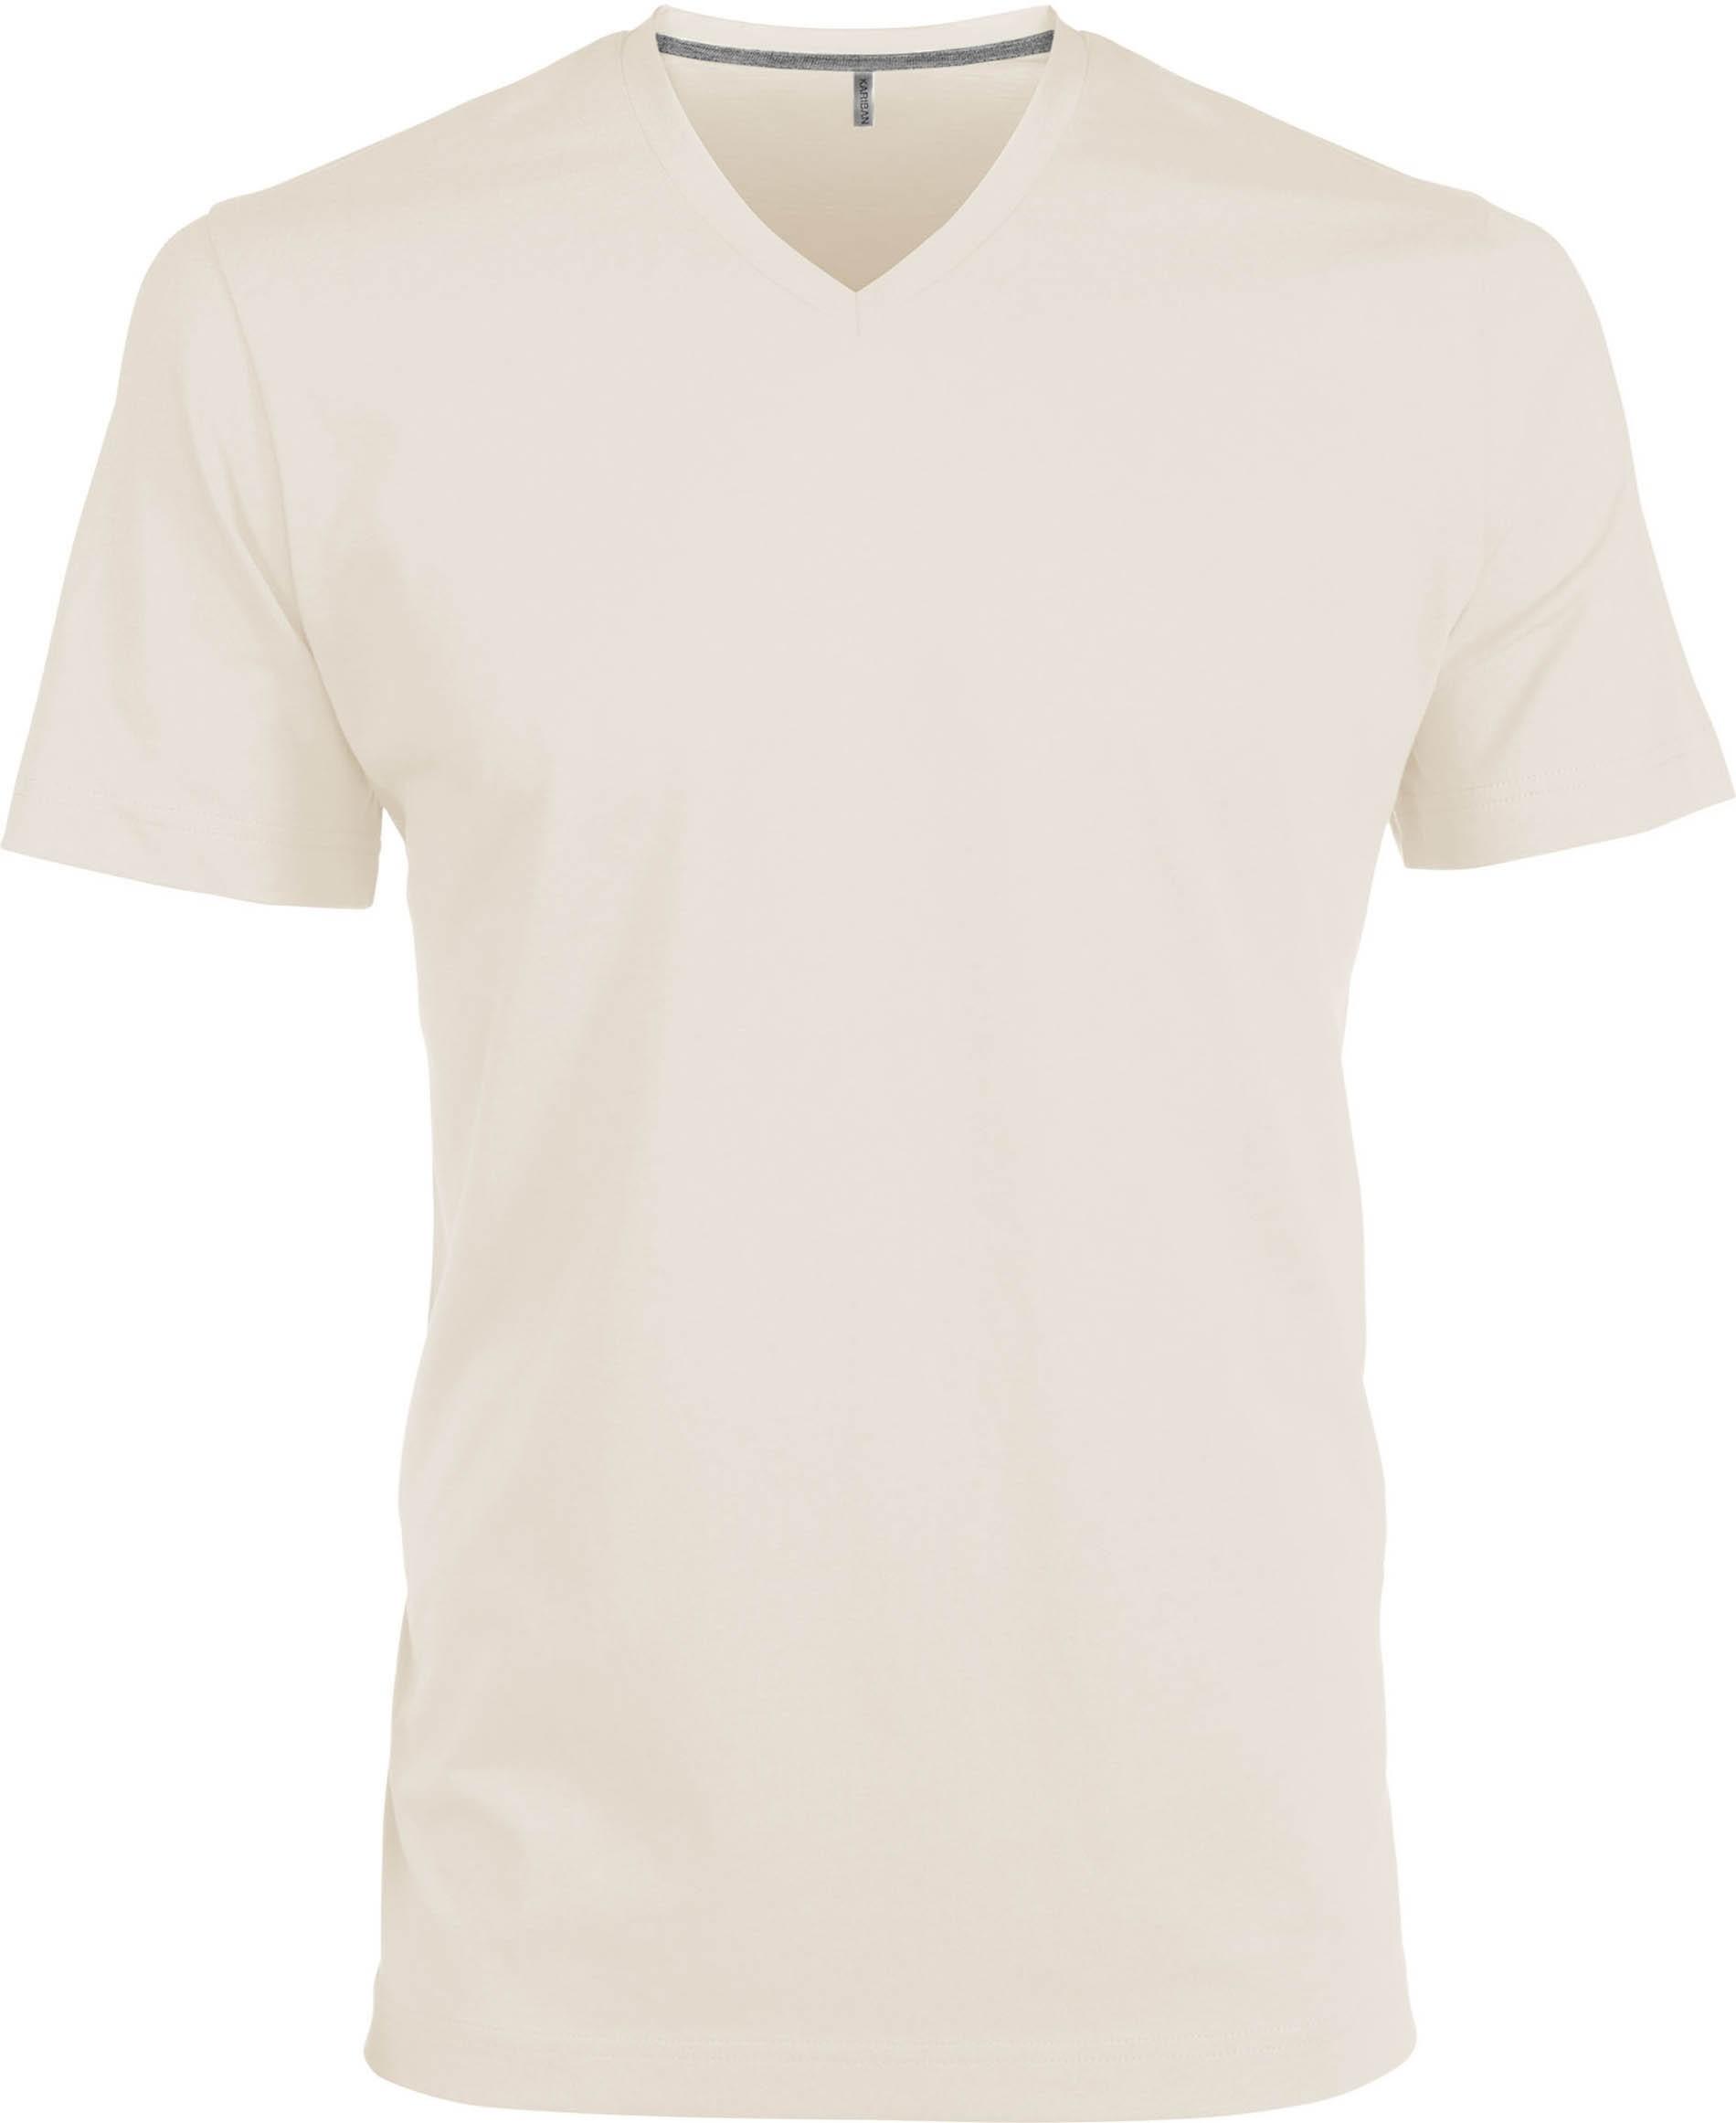 T-paita K356 V-aukko Vaalea Hiekka